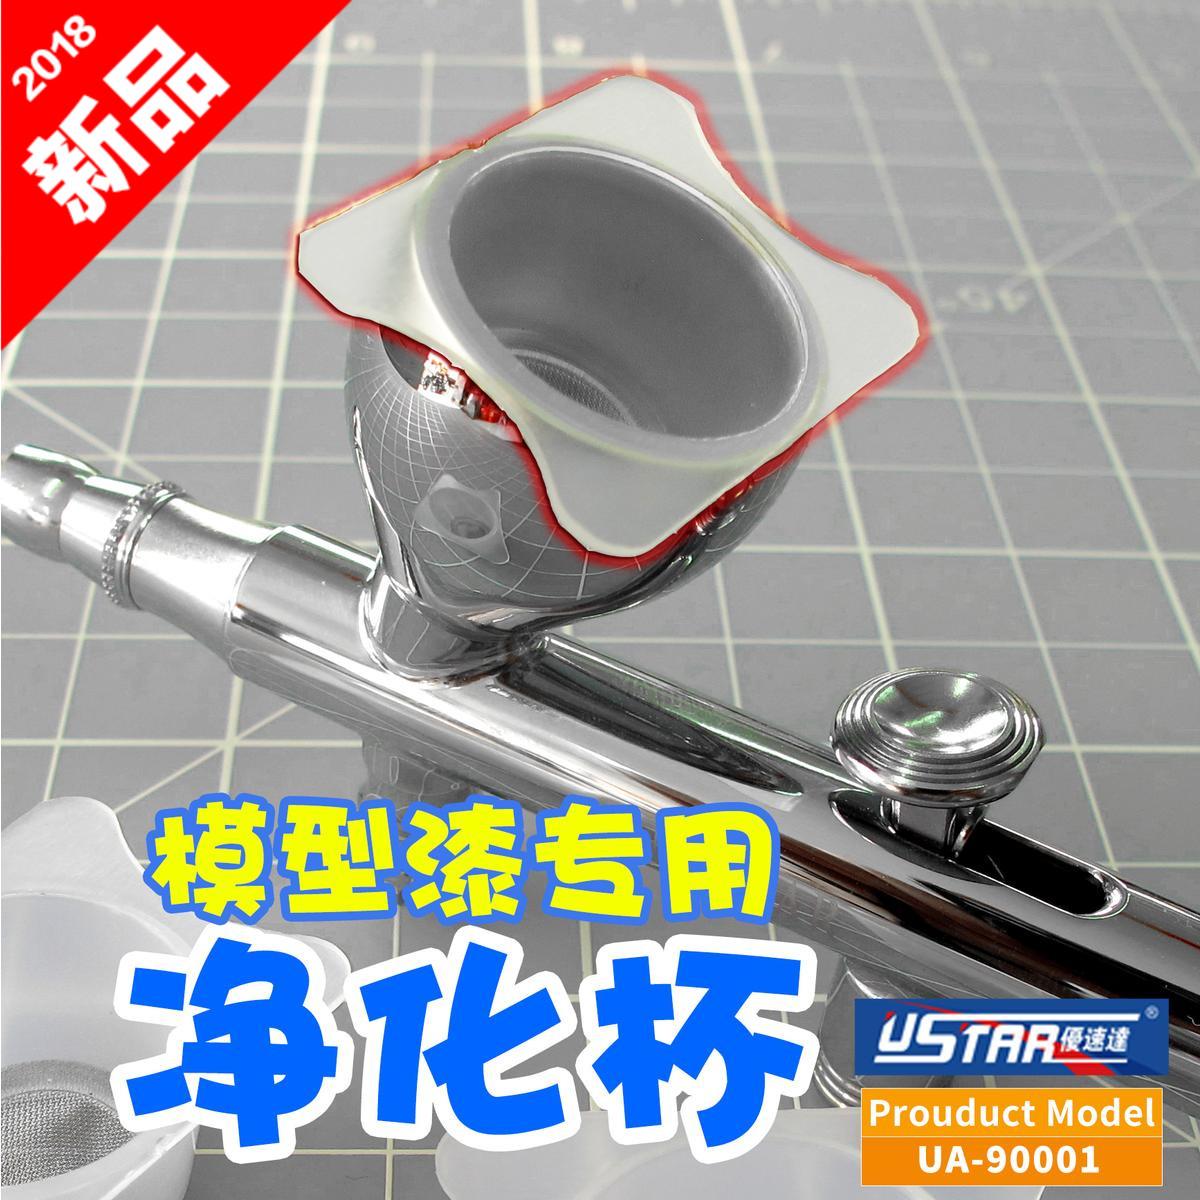 U-STAR优速达 模型工具 喷笔专用过滤杯 油漆过滤网 UA-90001-02